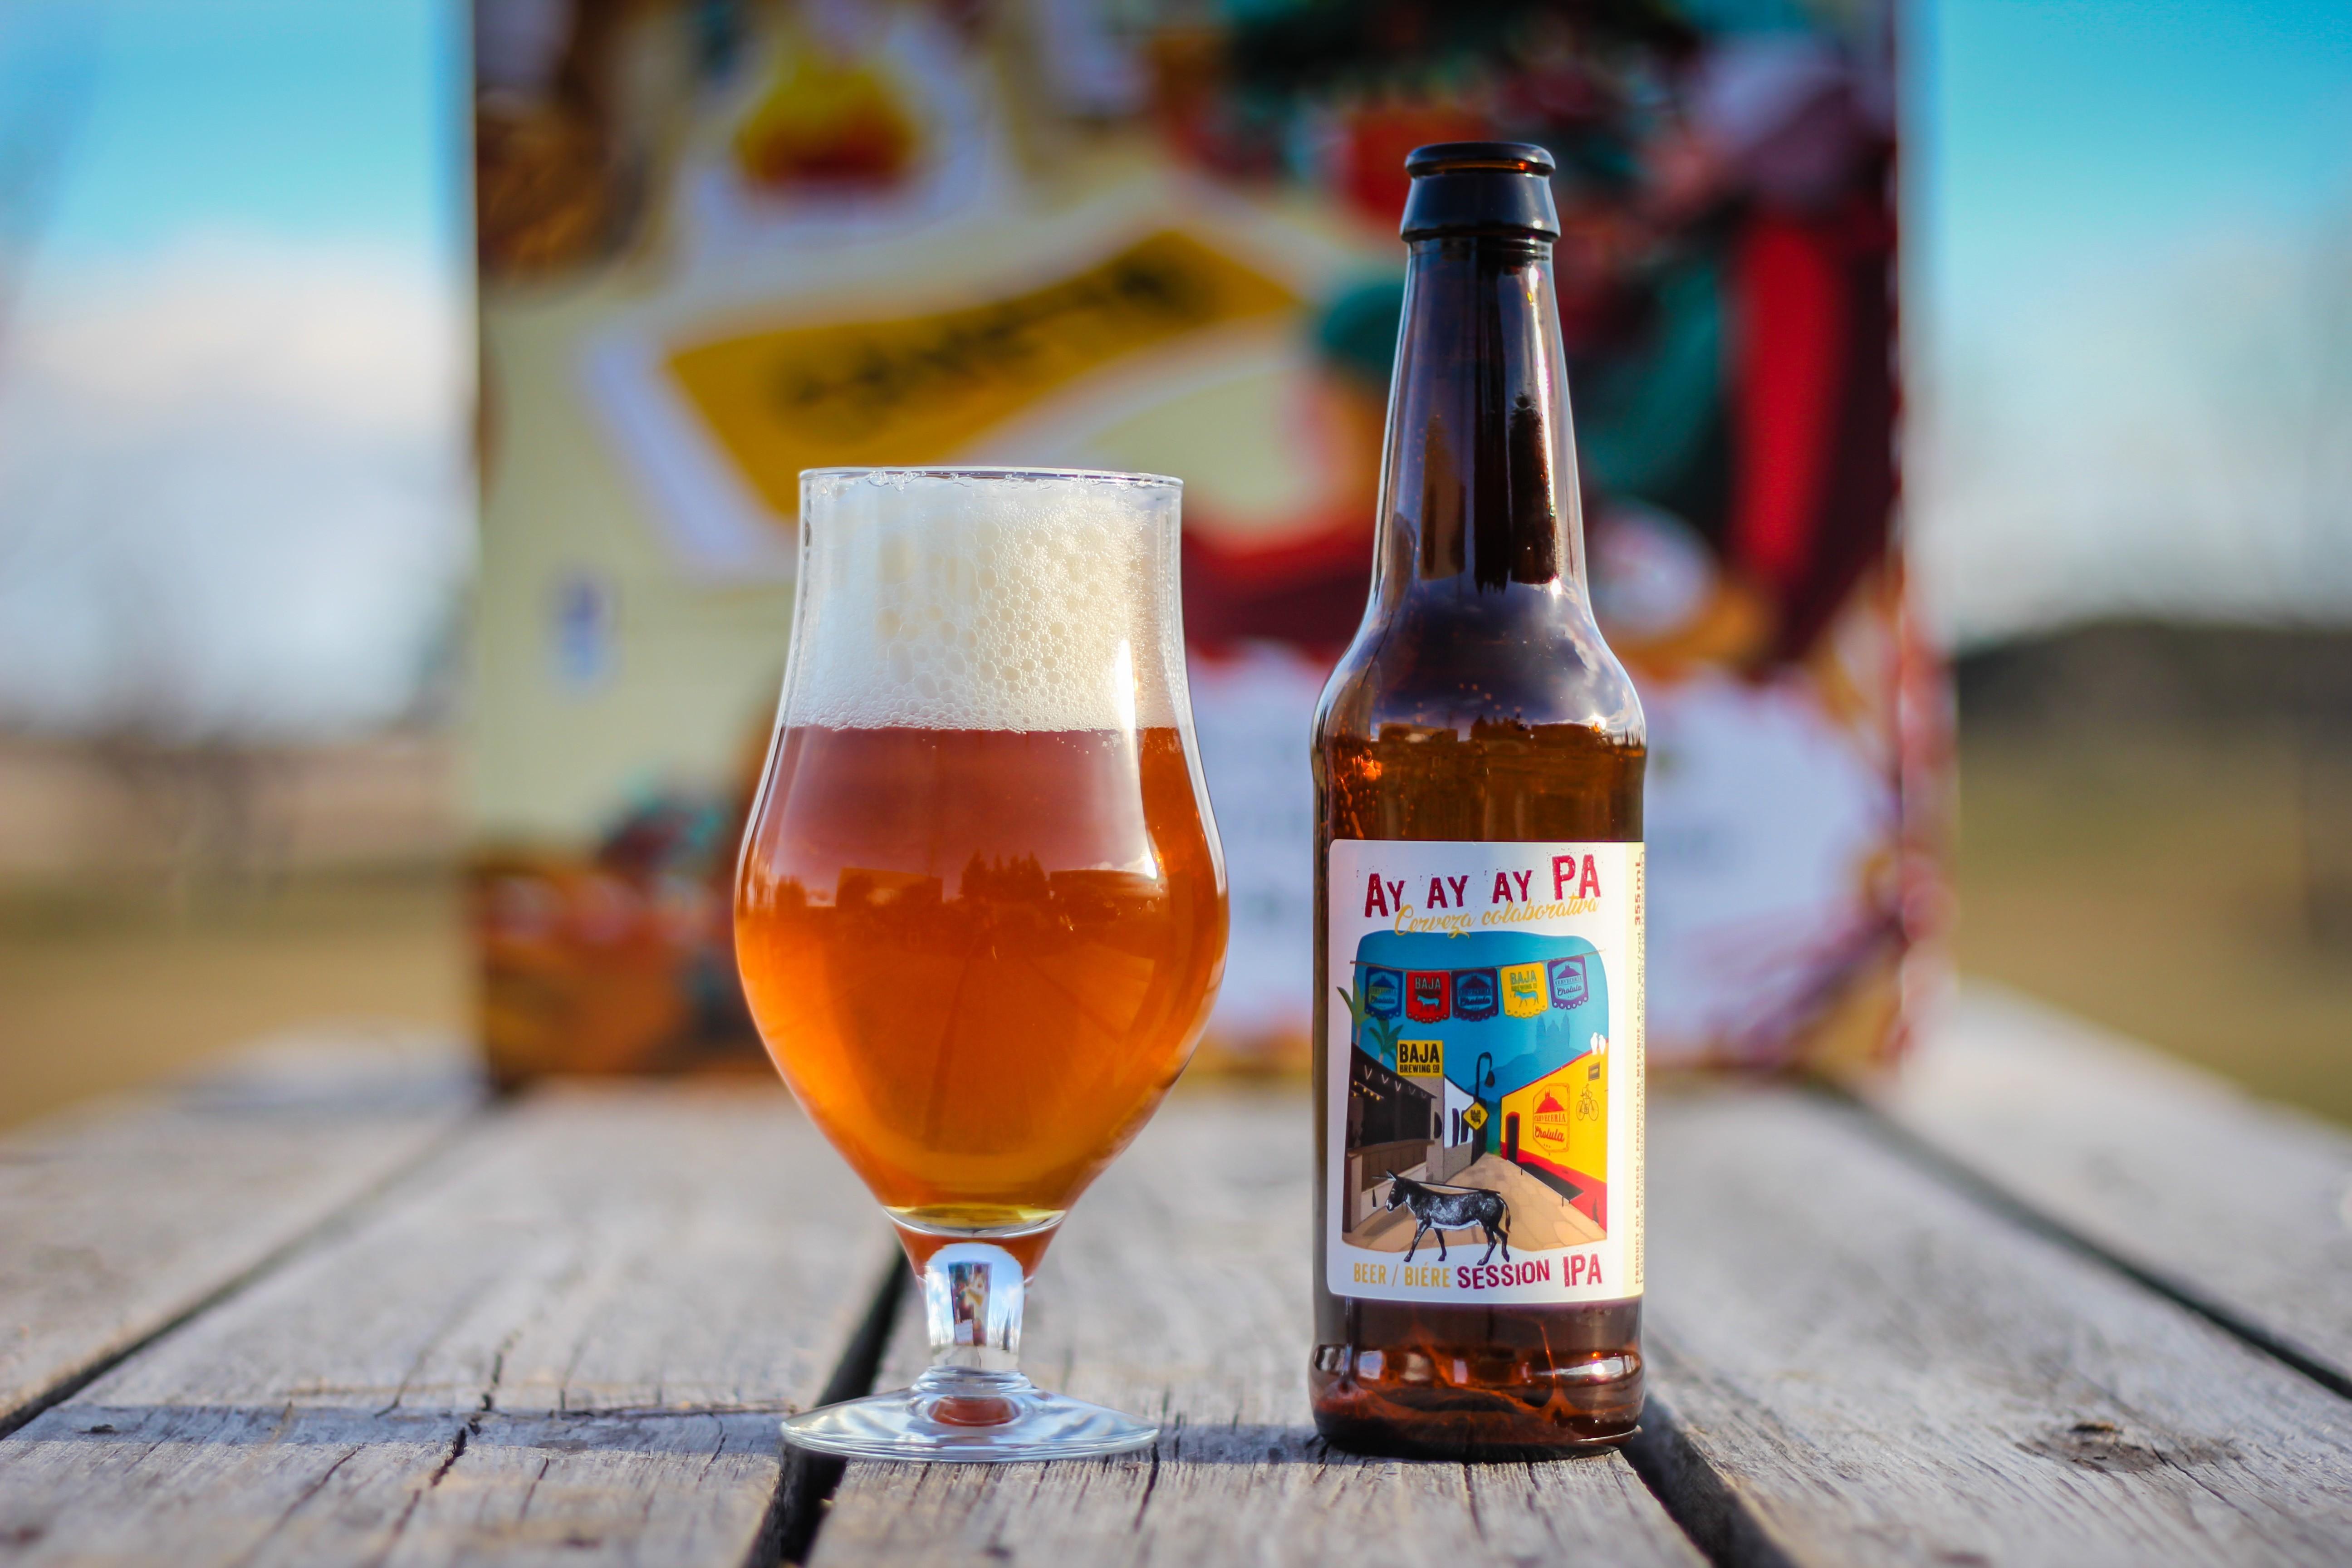 2018 Craft BeerAdvent Calendar: Baja Brewing Ay Ay Ay PA